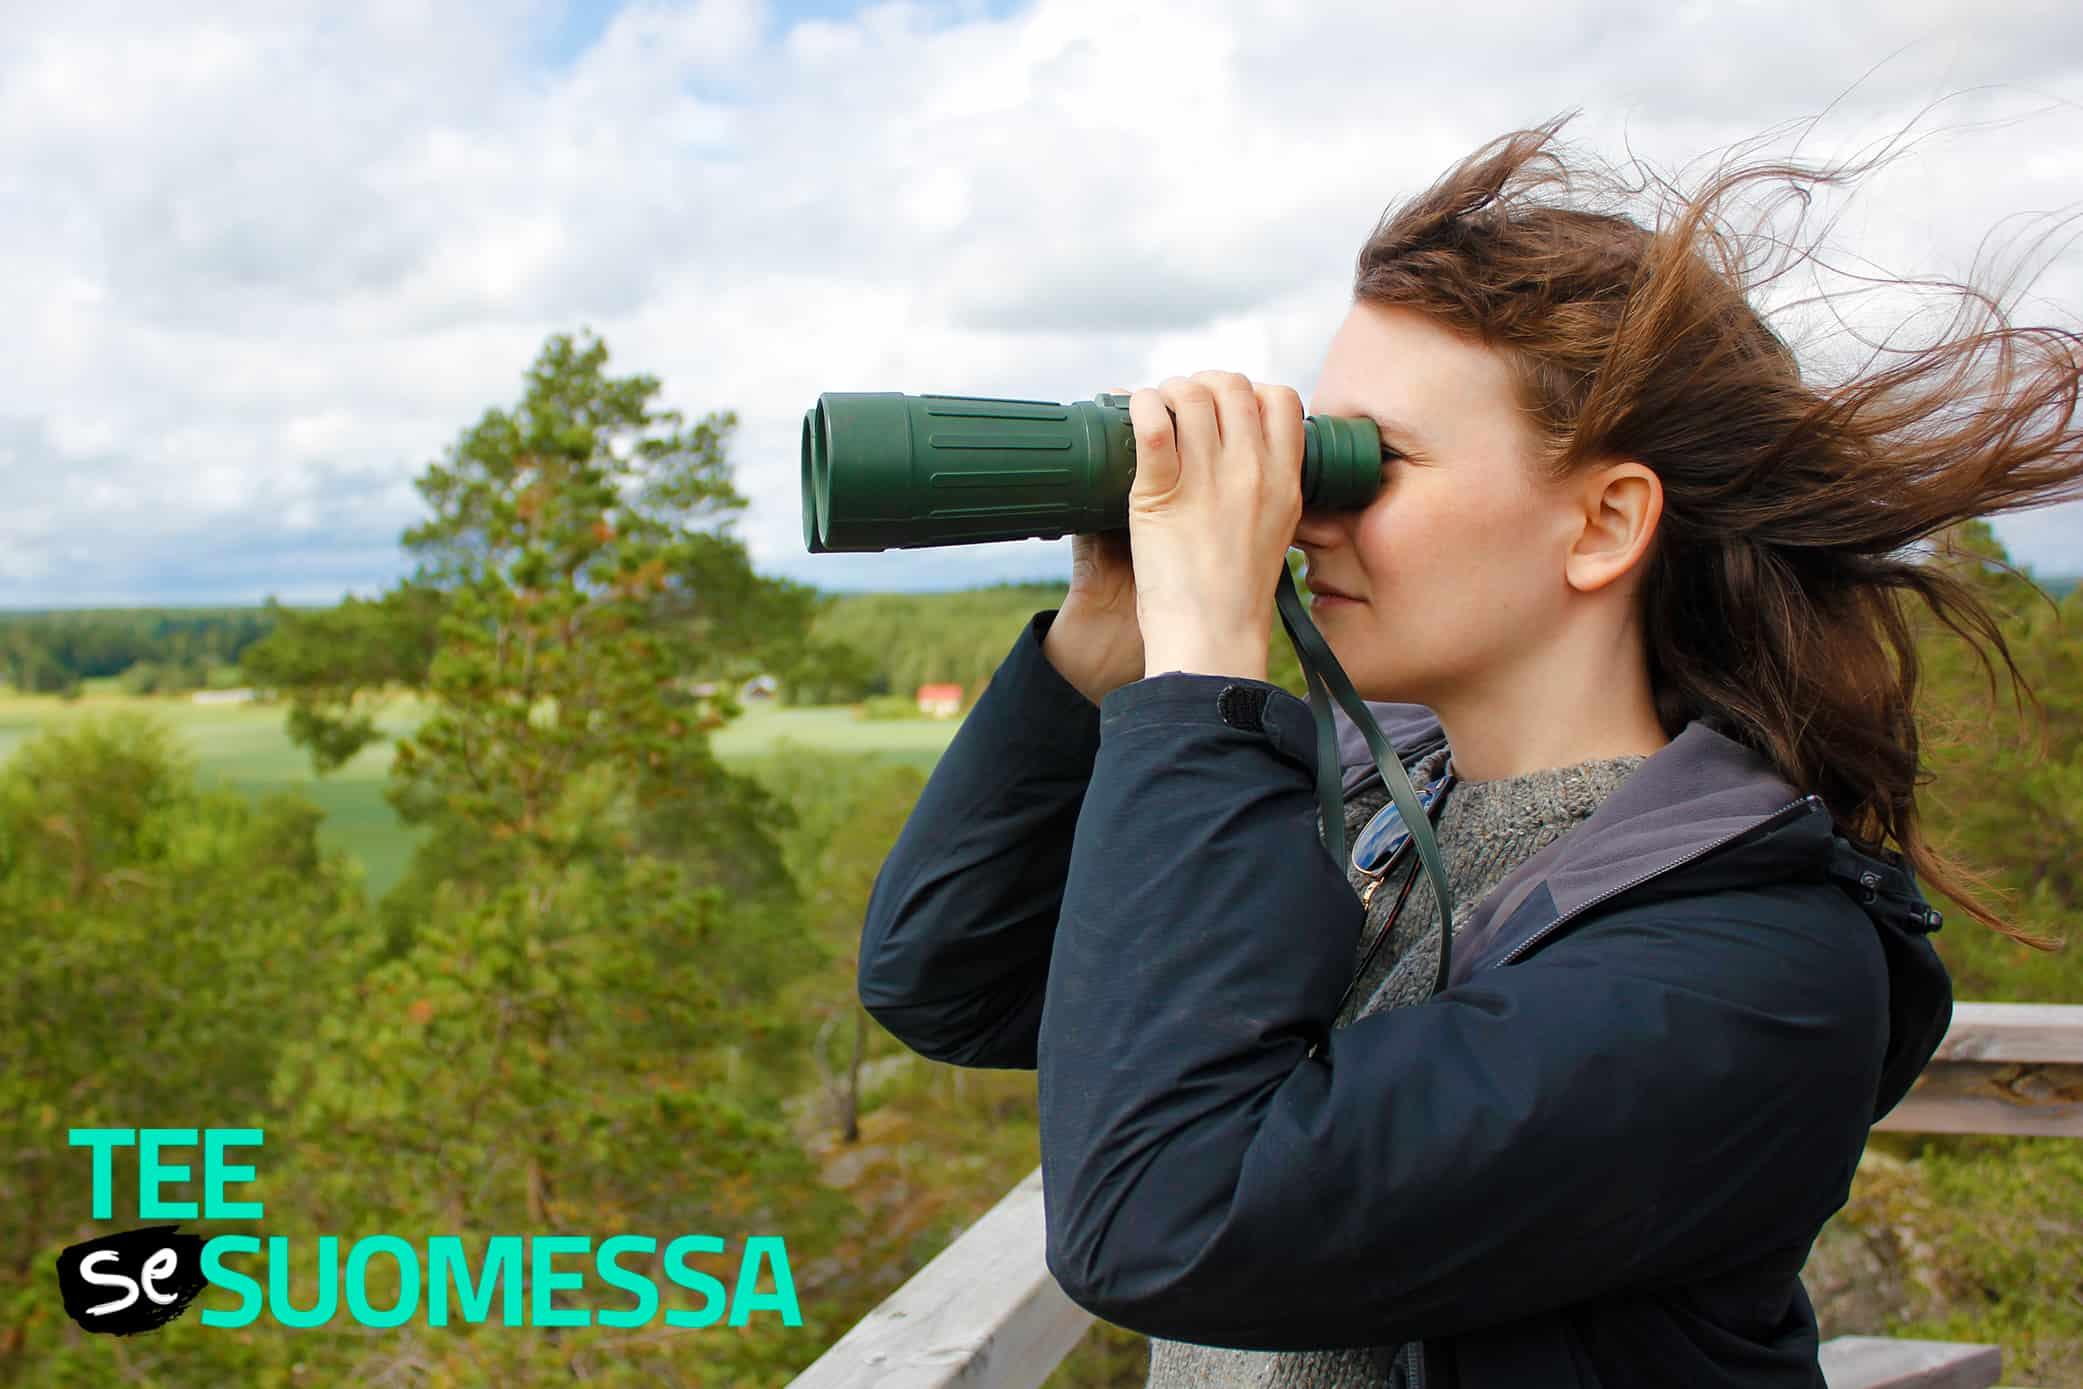 Nainen katsoo kiikareilla maisemaa ja kuvan alareunassa lukee